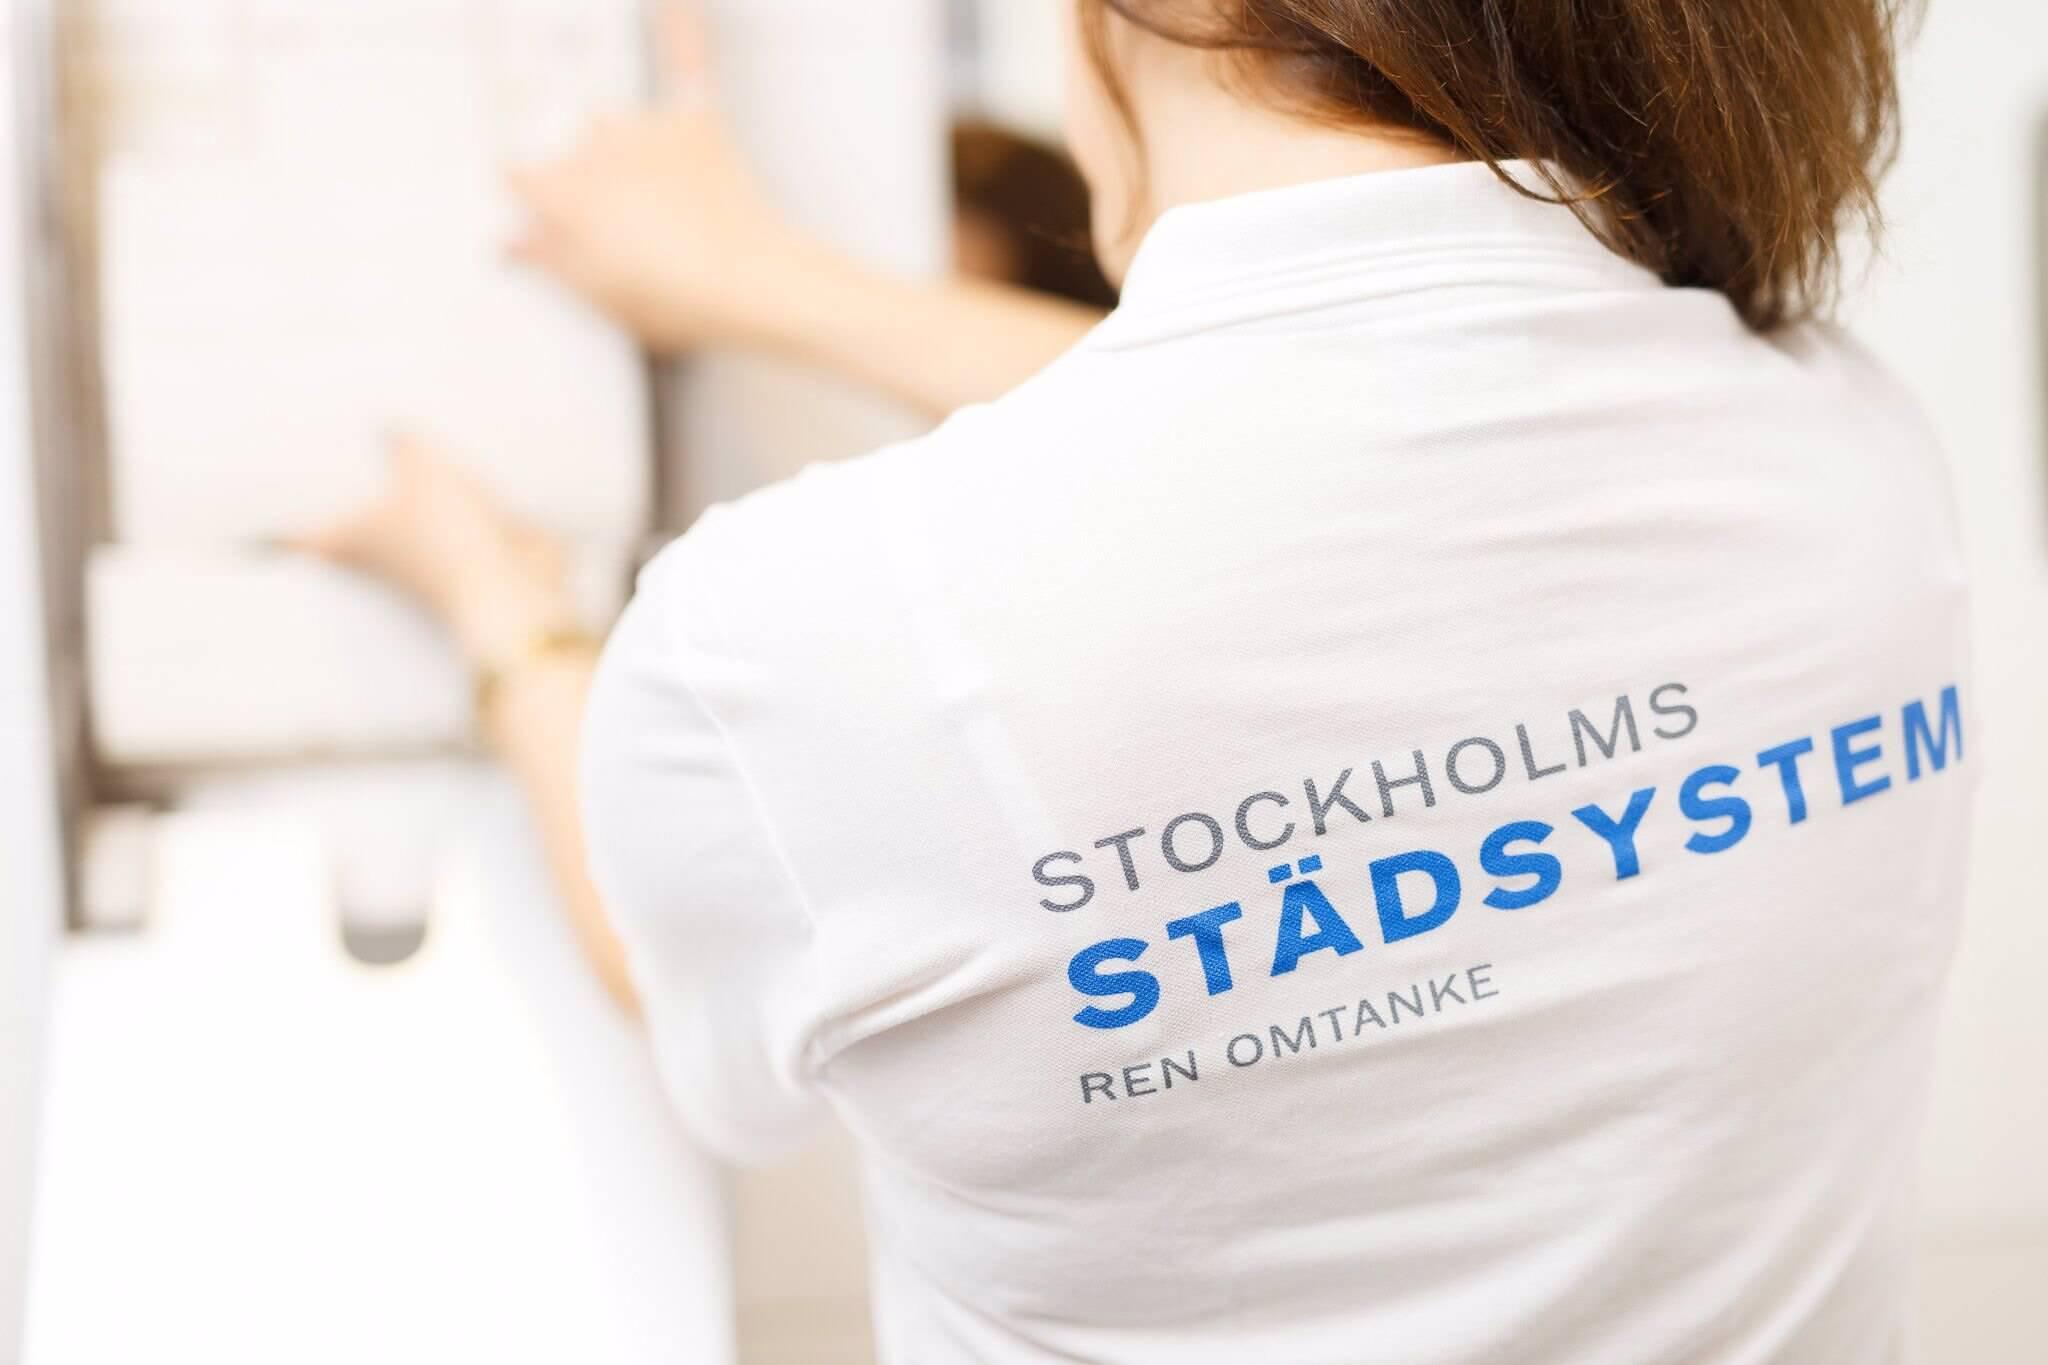 Komplett och kortfattad information om Stockholms Städsystem AB